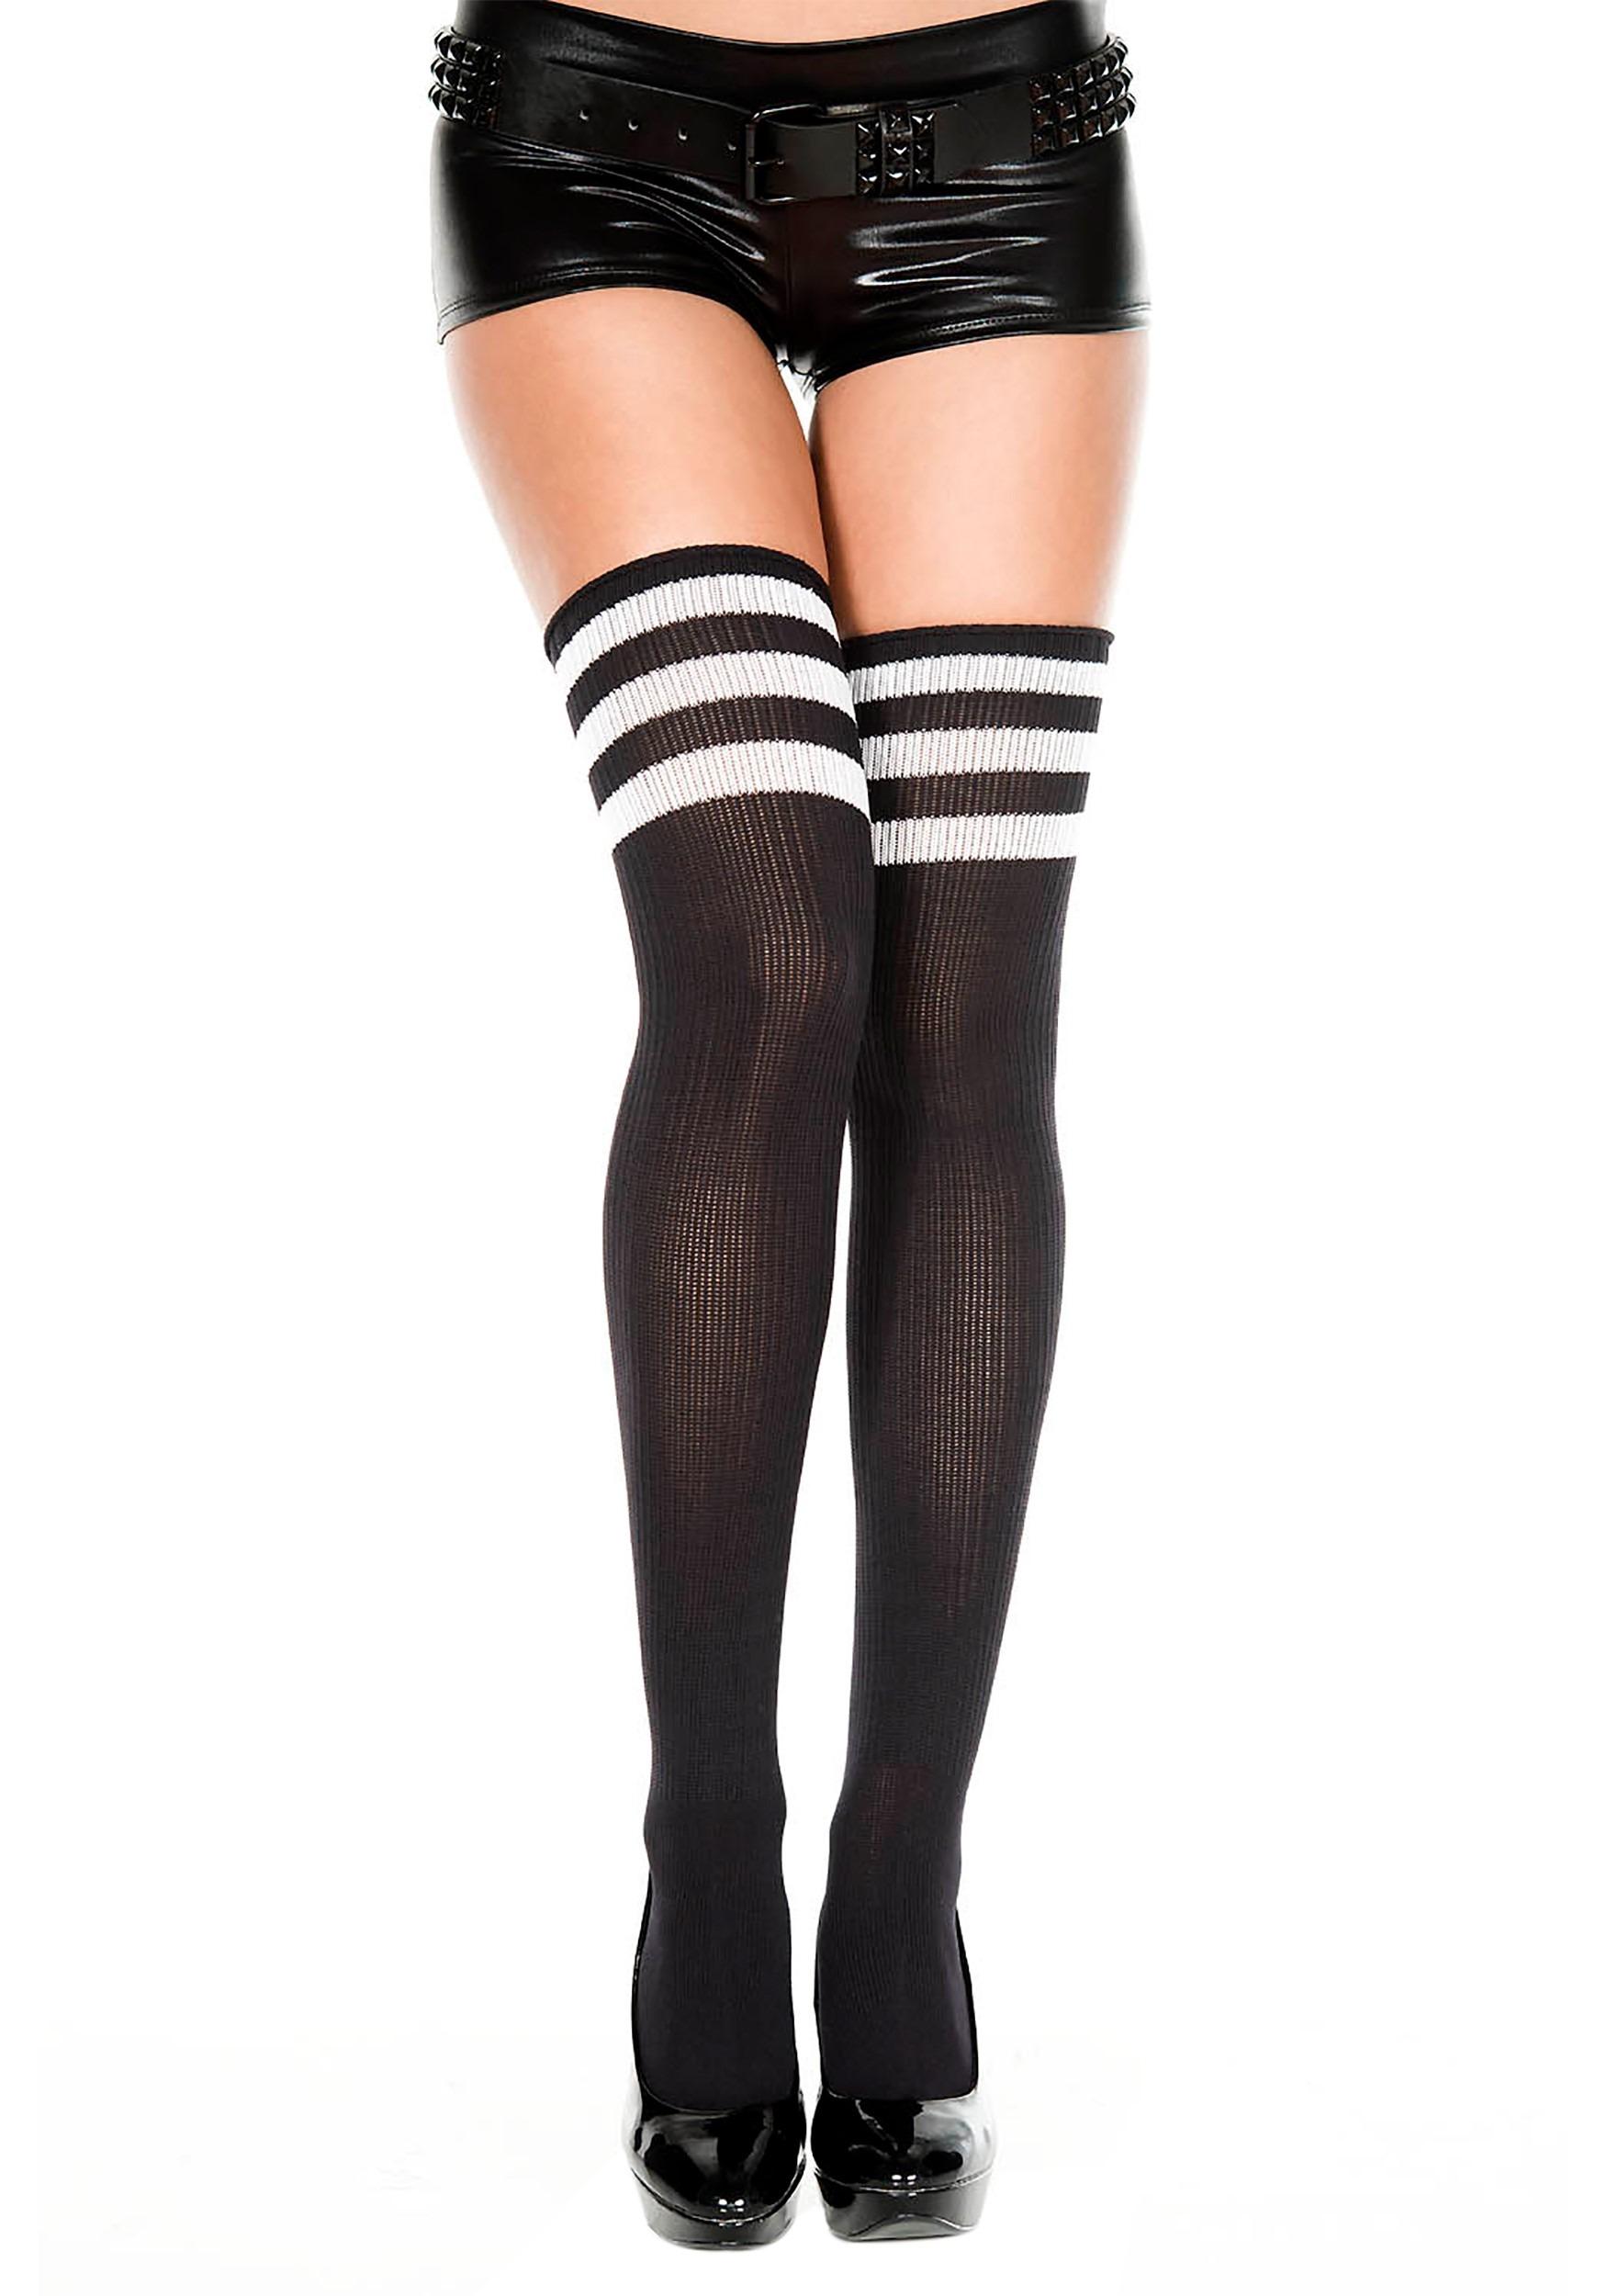 Black Stockings Suspenders Hd